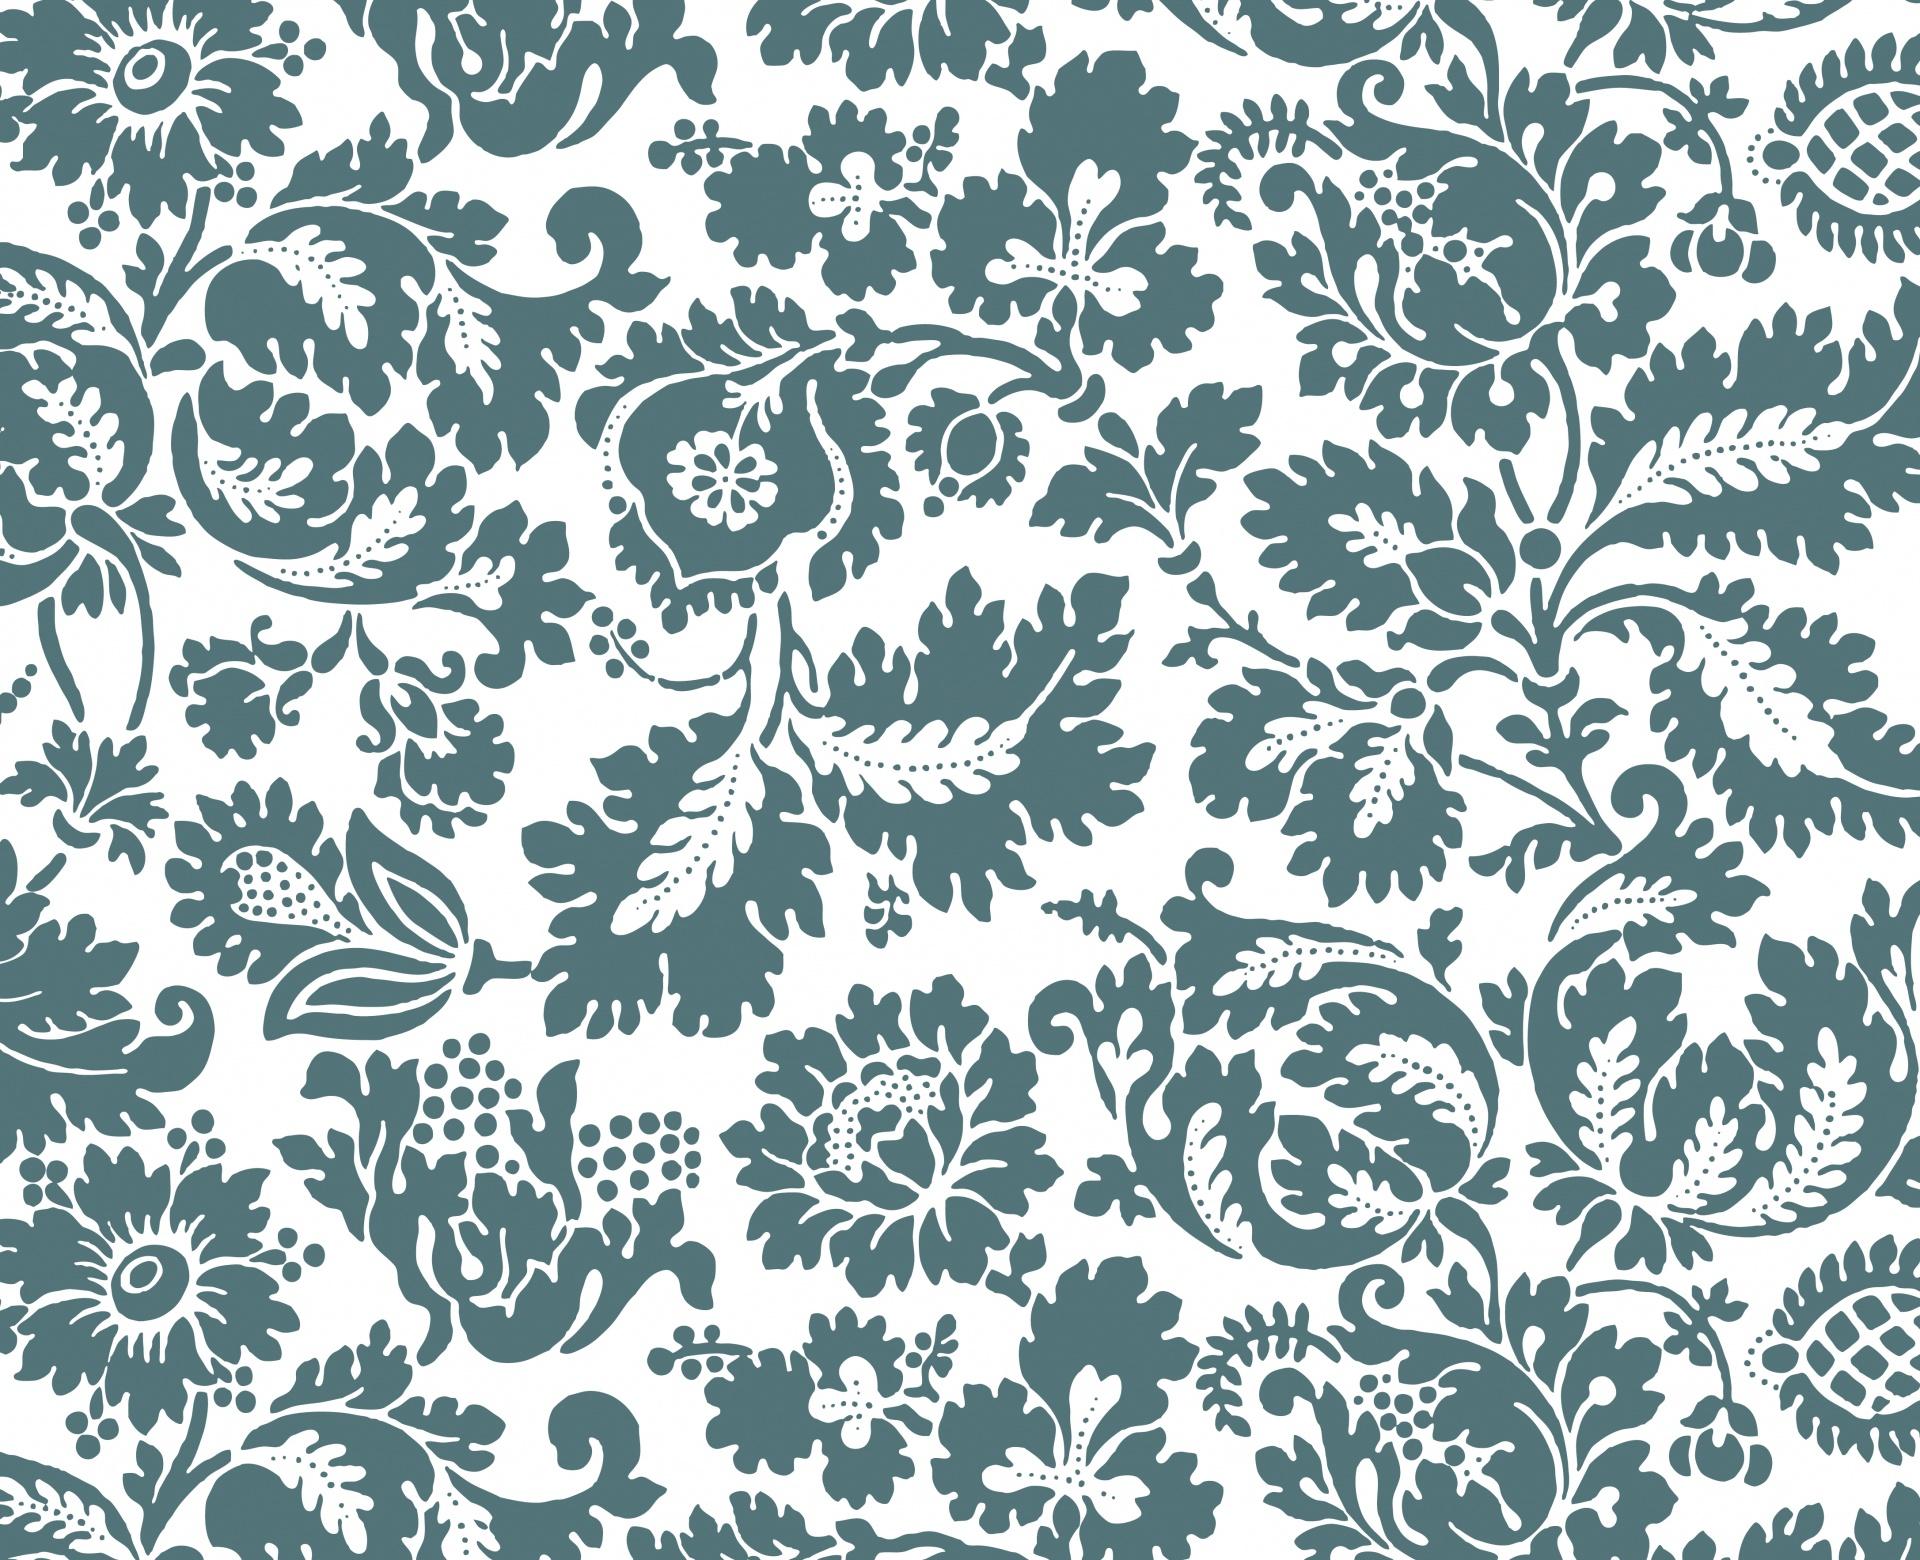 Hình ảnh background vintage lá xanh